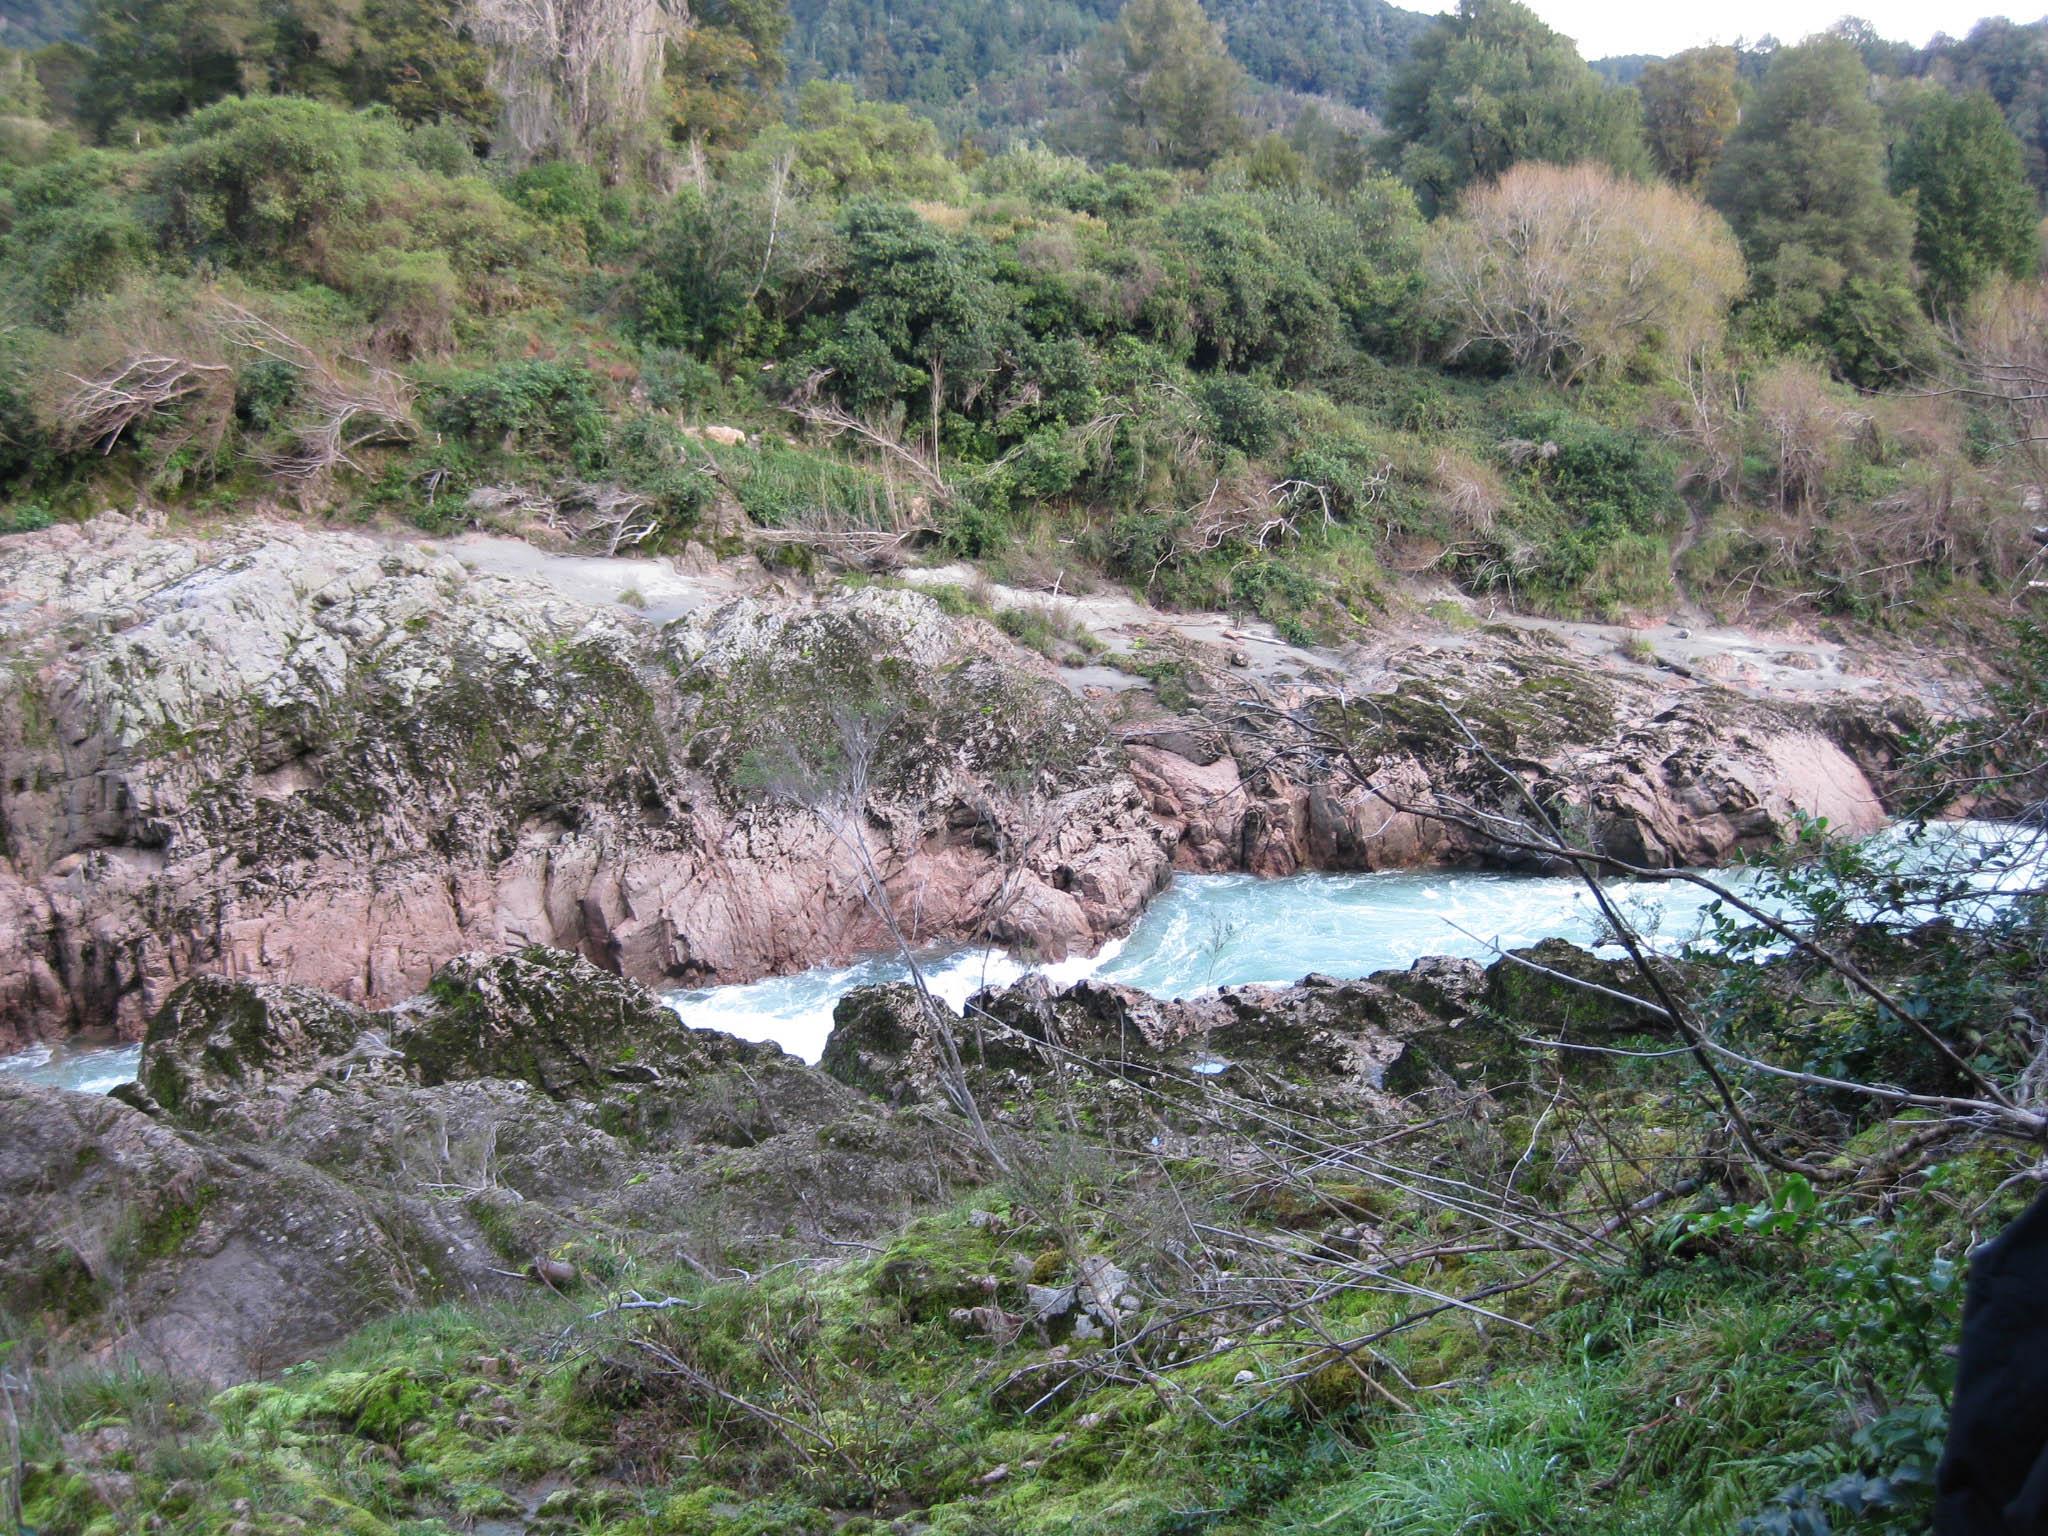 Nouvelle Zélande - Nelson & buller gorge swingbridge - les lubies de Louise (32 sur 42)